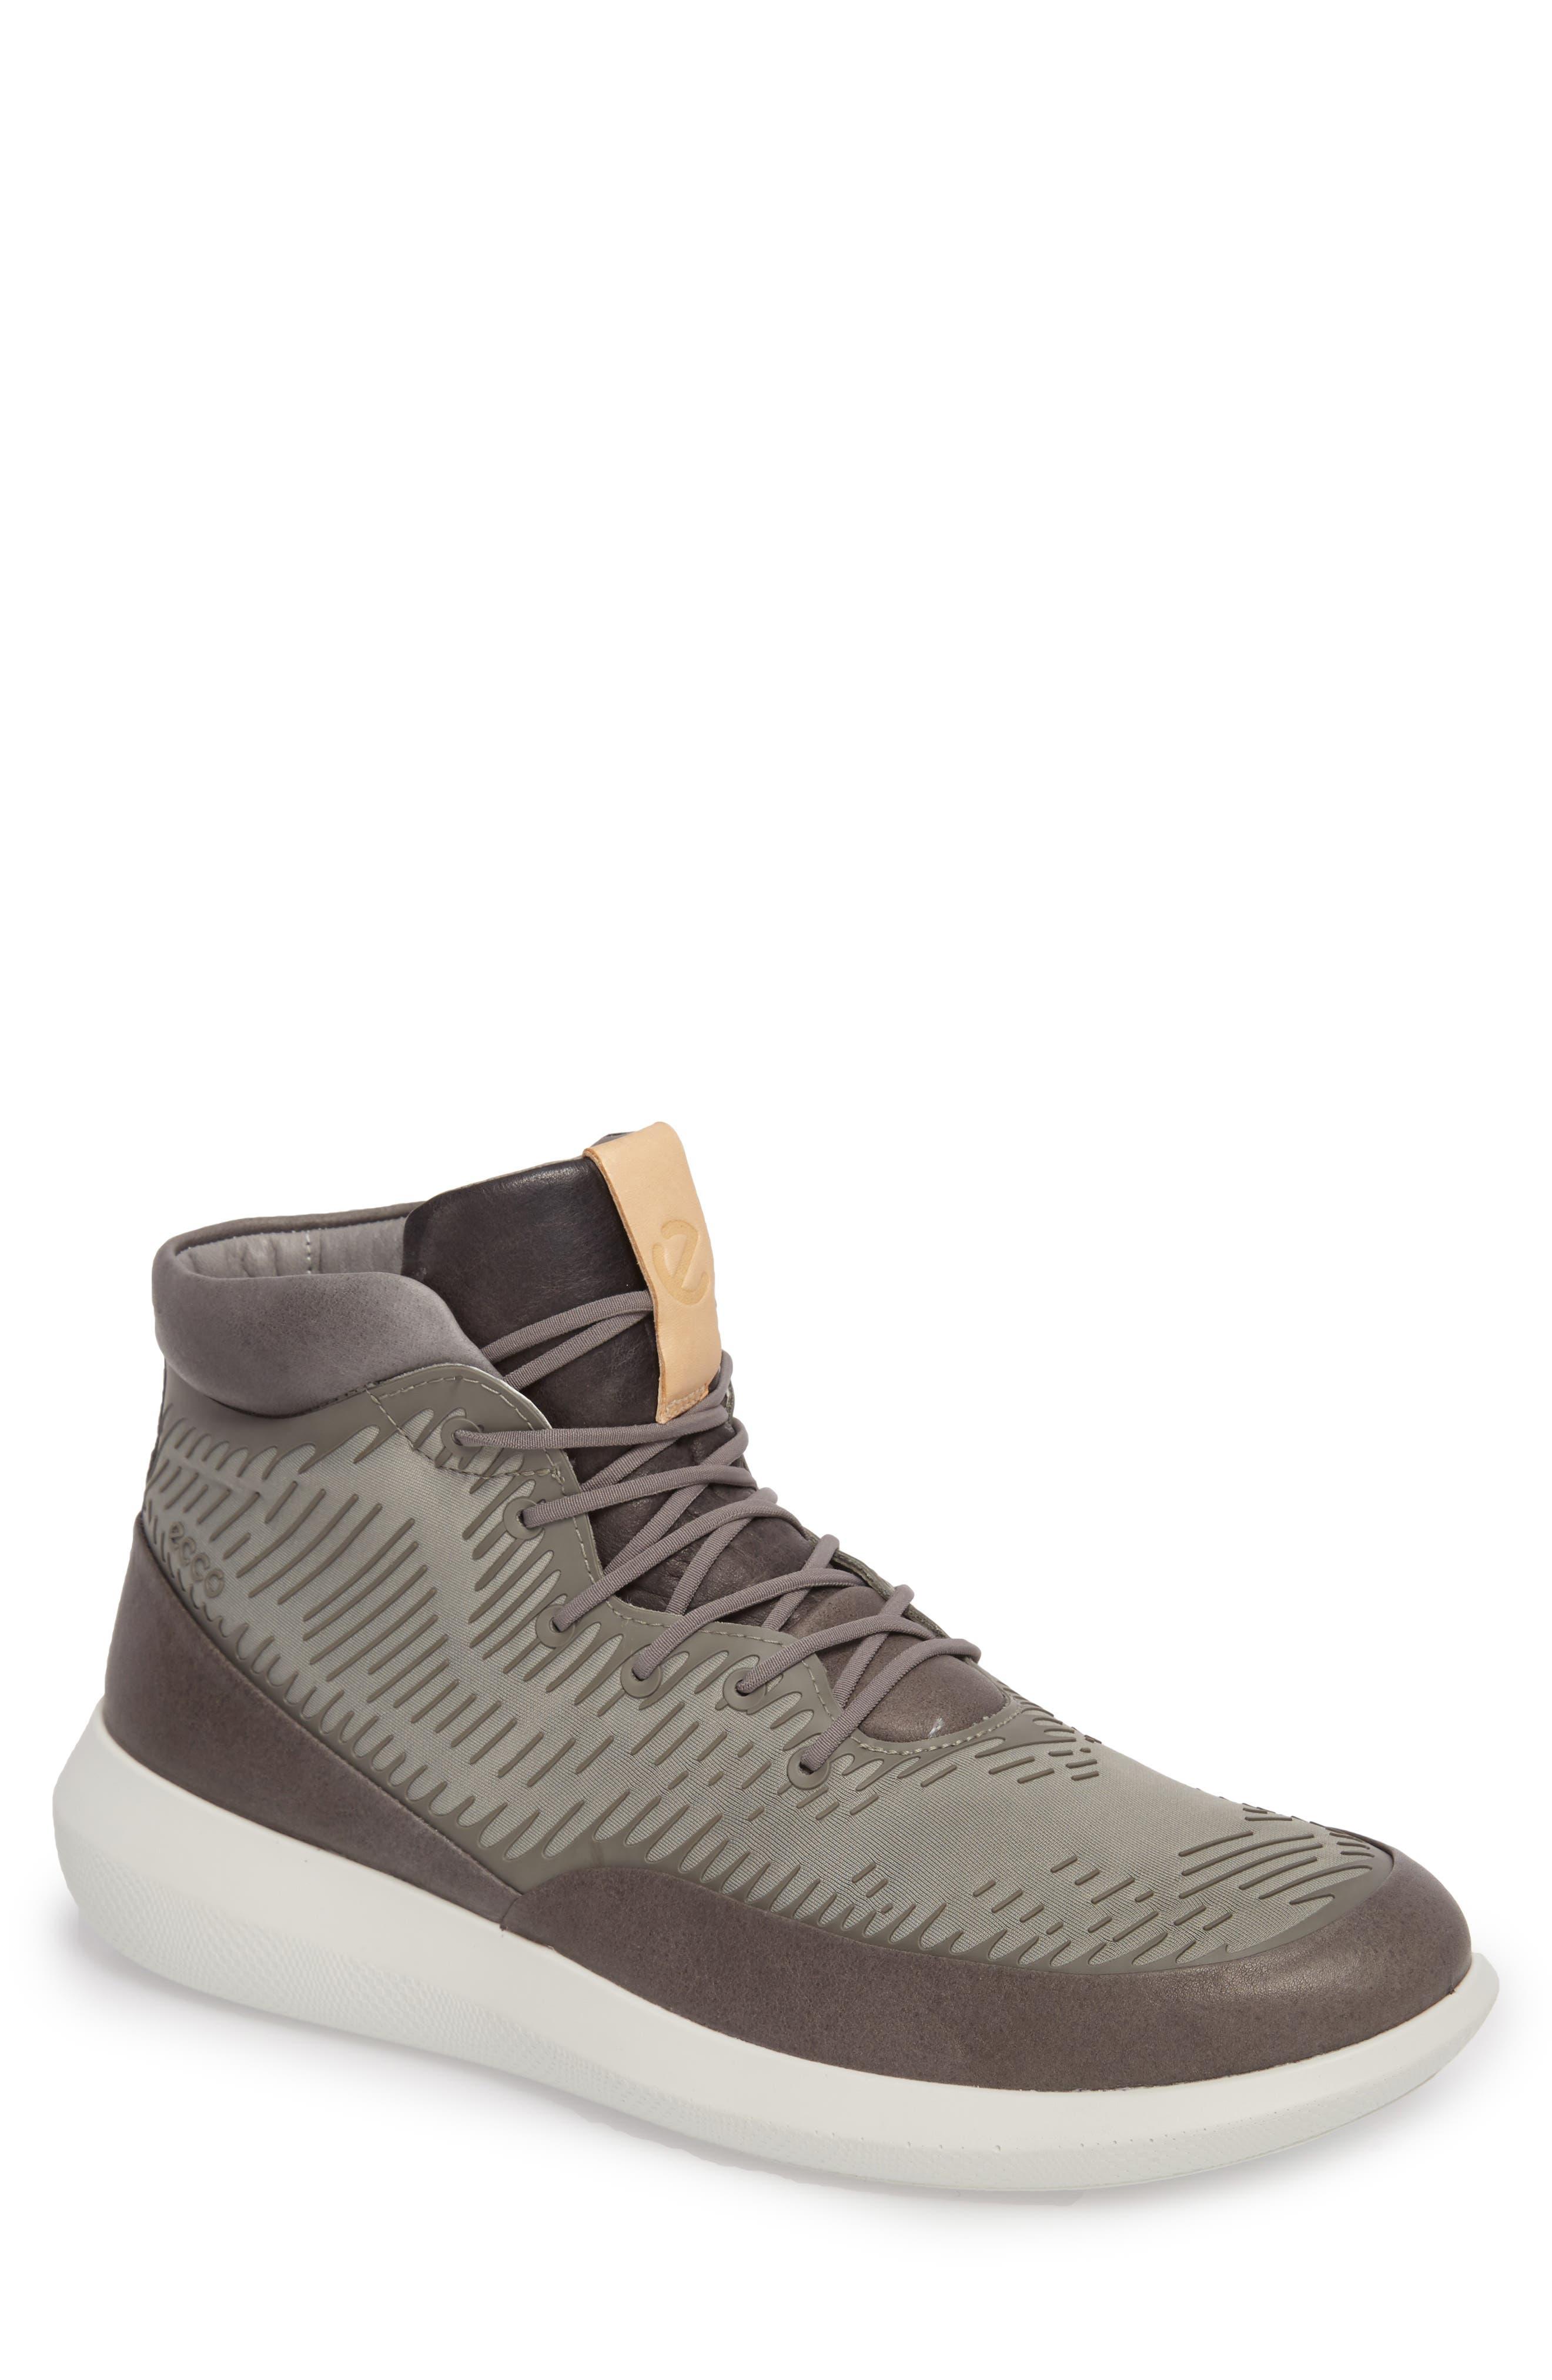 Ecco Scinapse High Top Sneaker - Grey